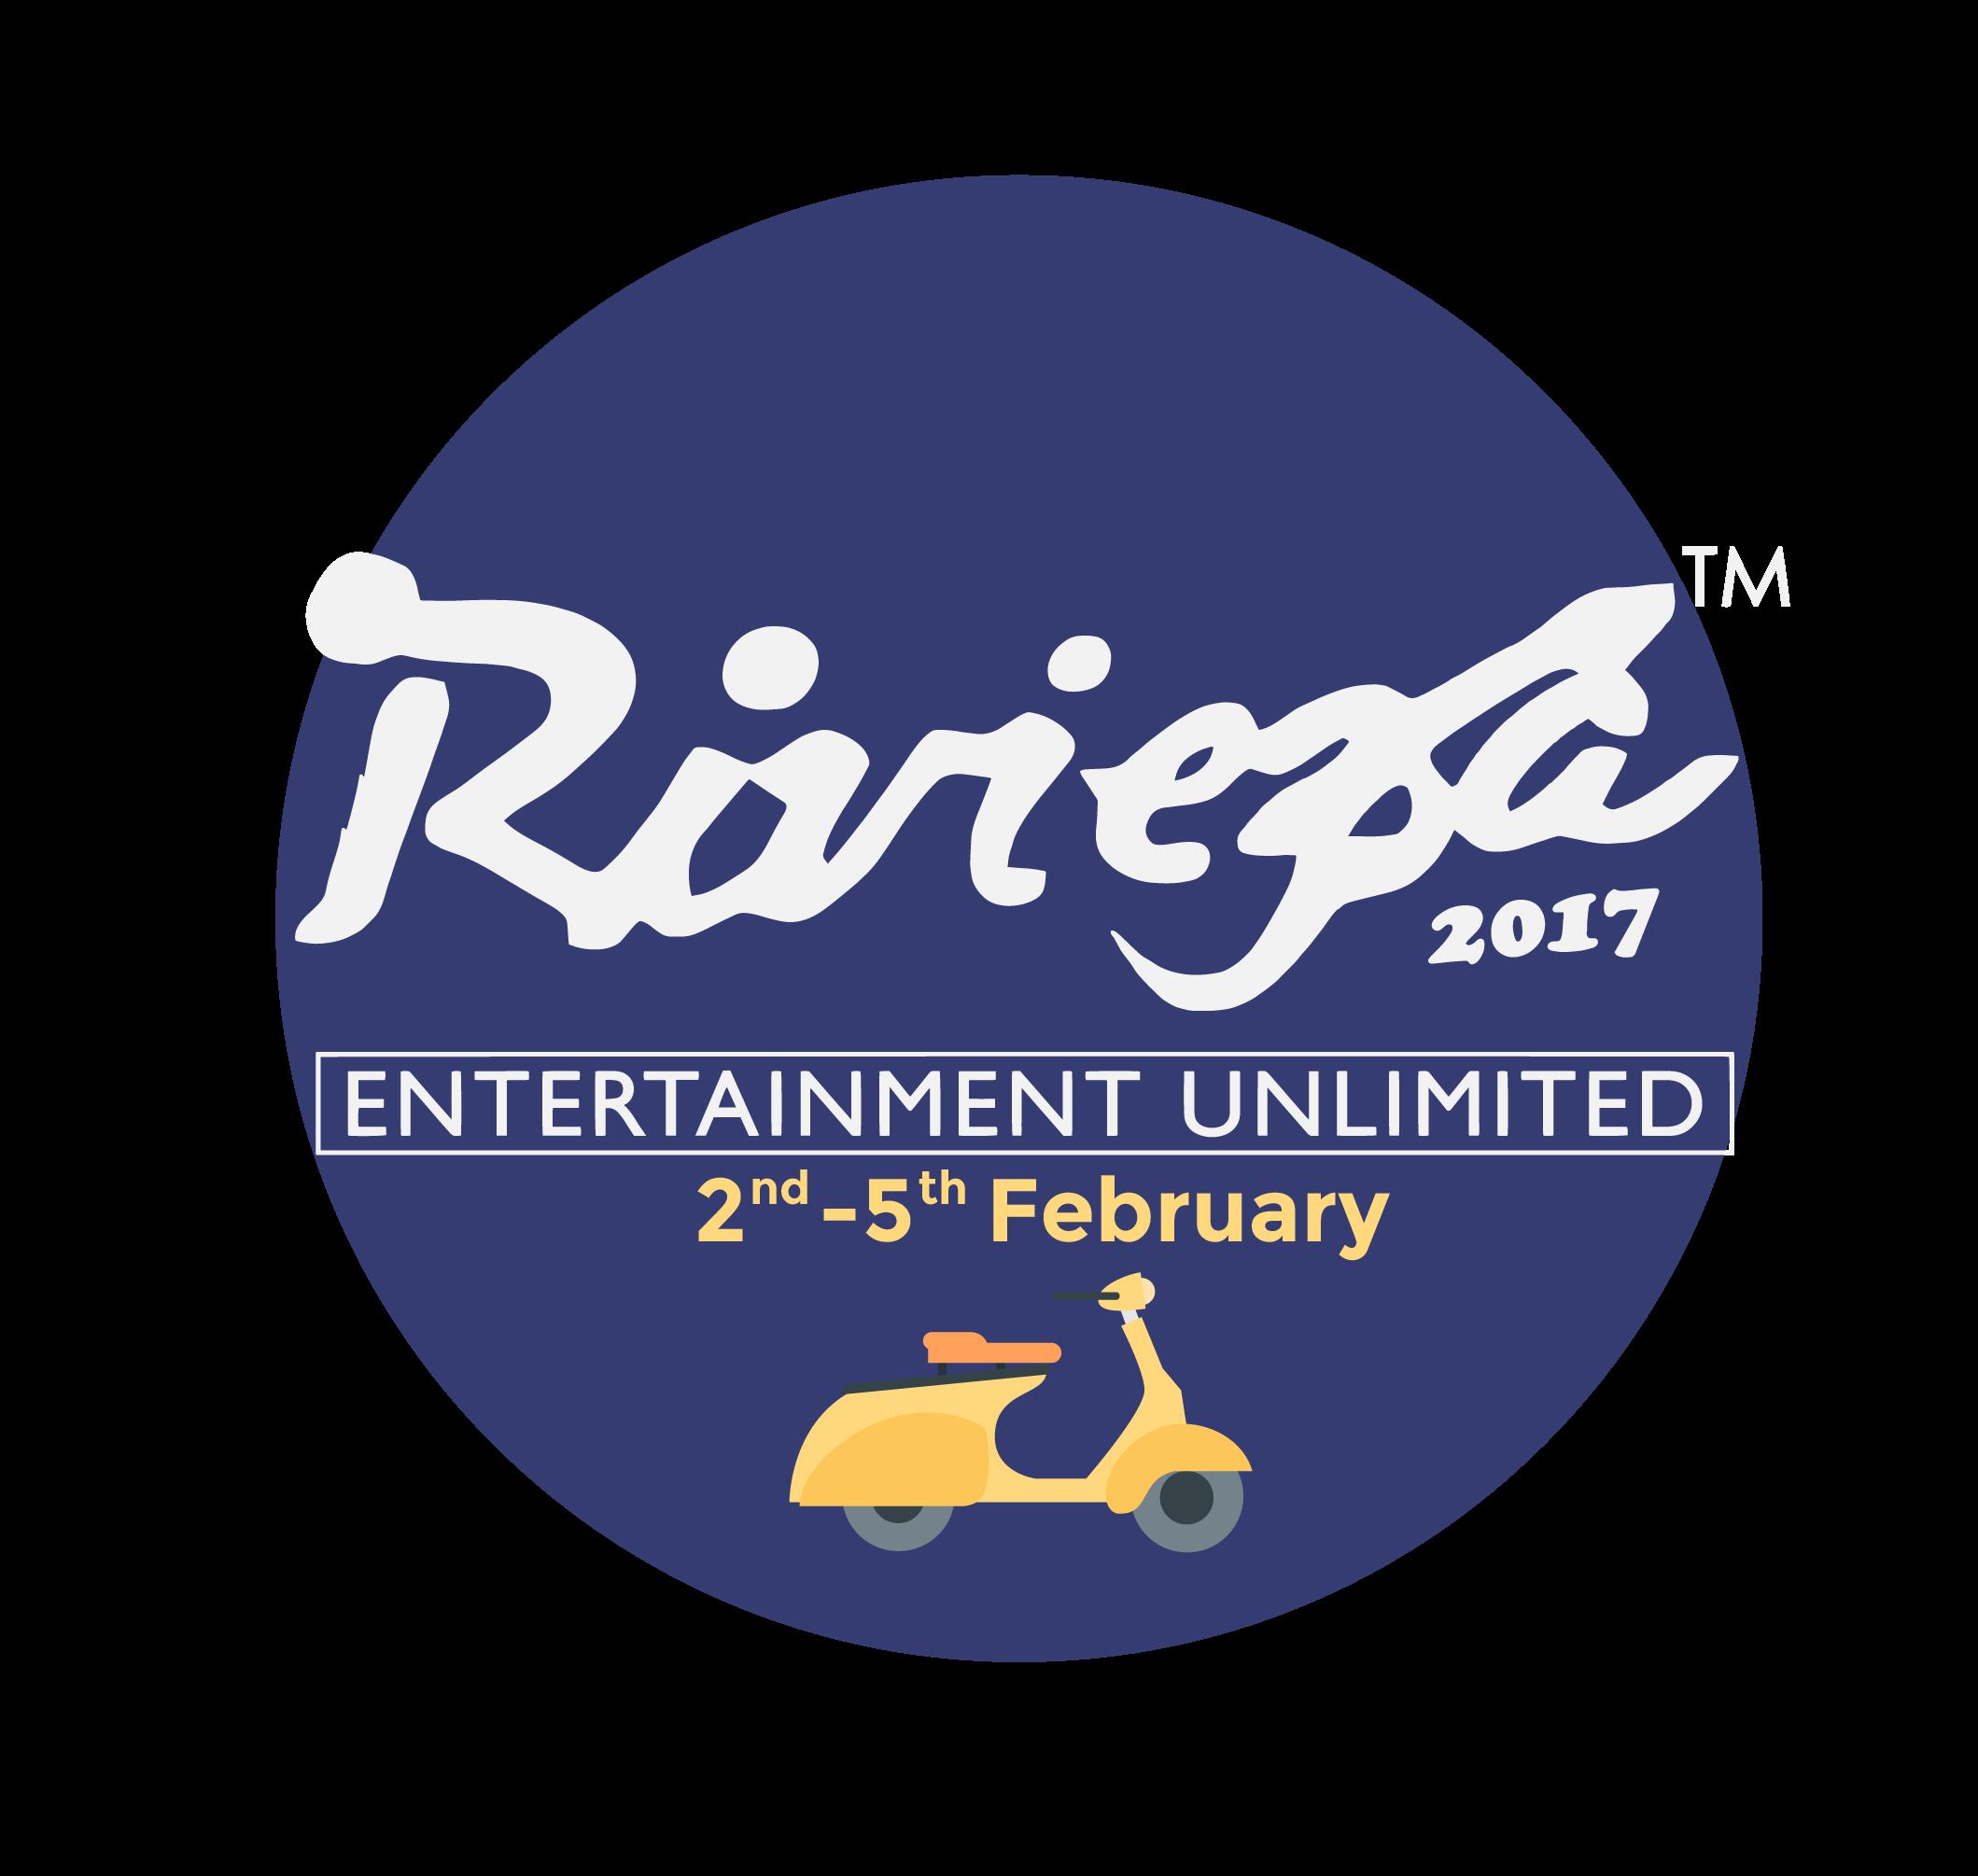 Riviera entertainment unlimited vit. Festival clipart cultural event